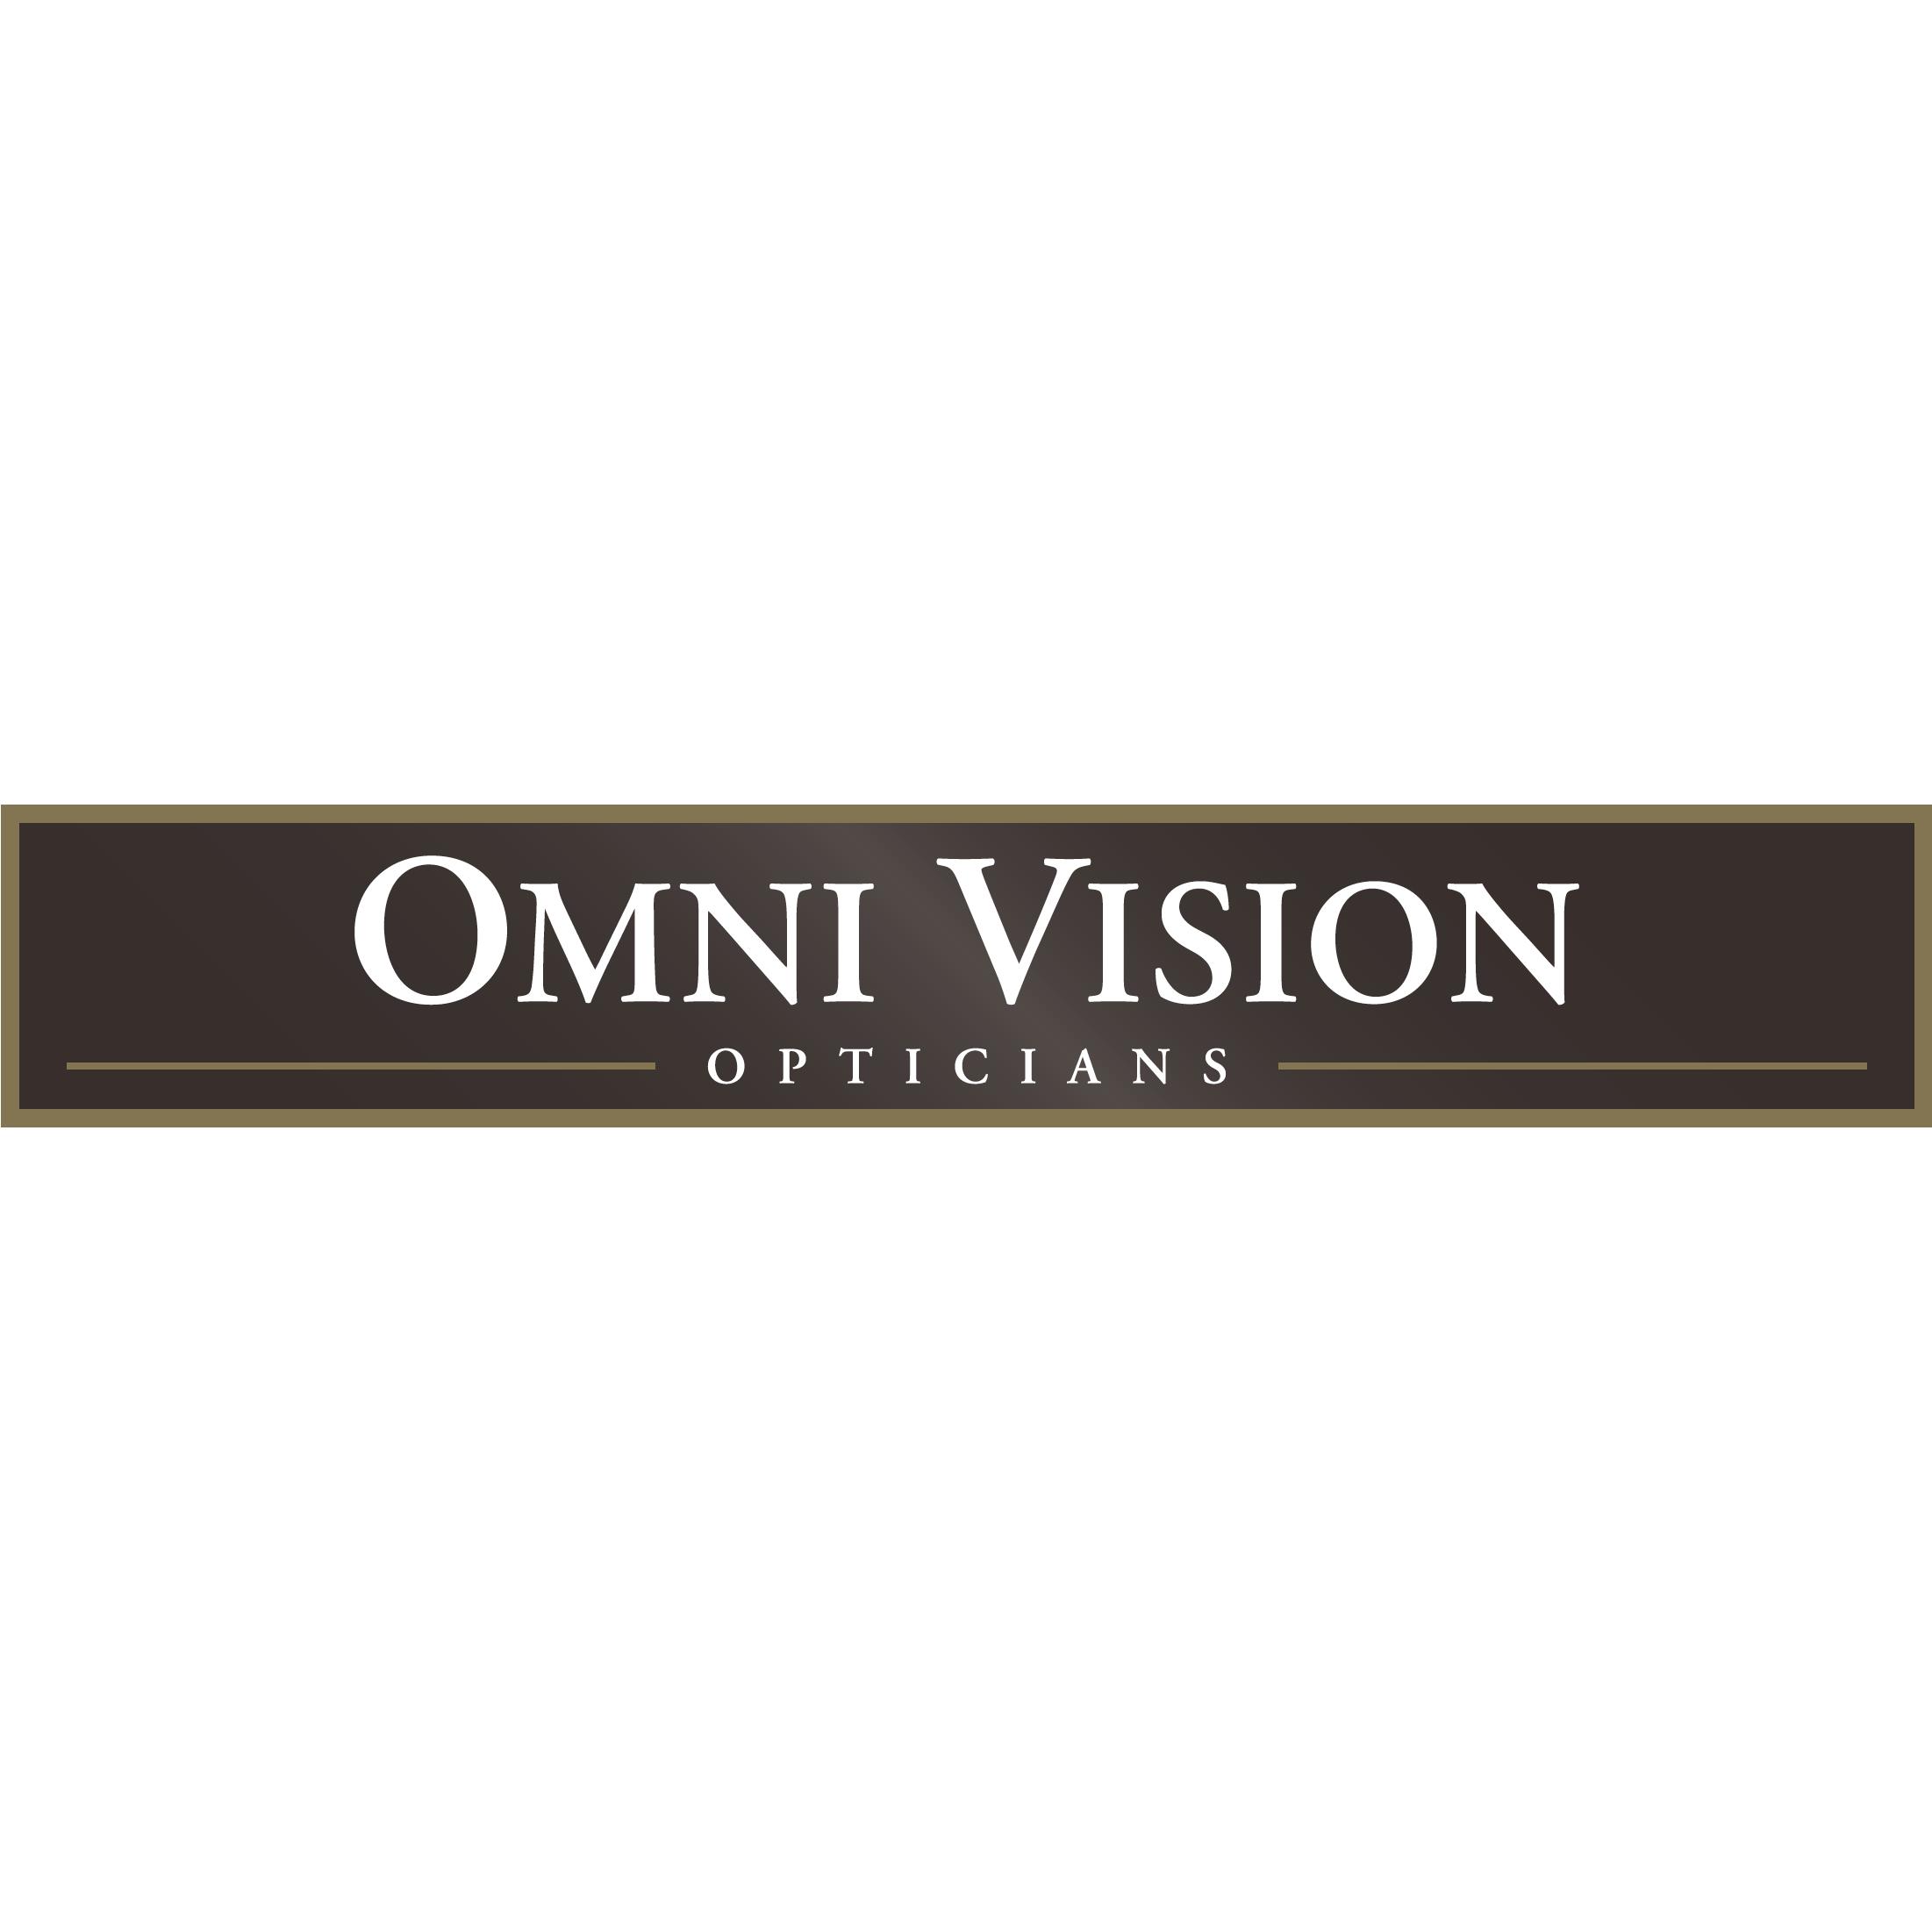 Omni Vision Opticians